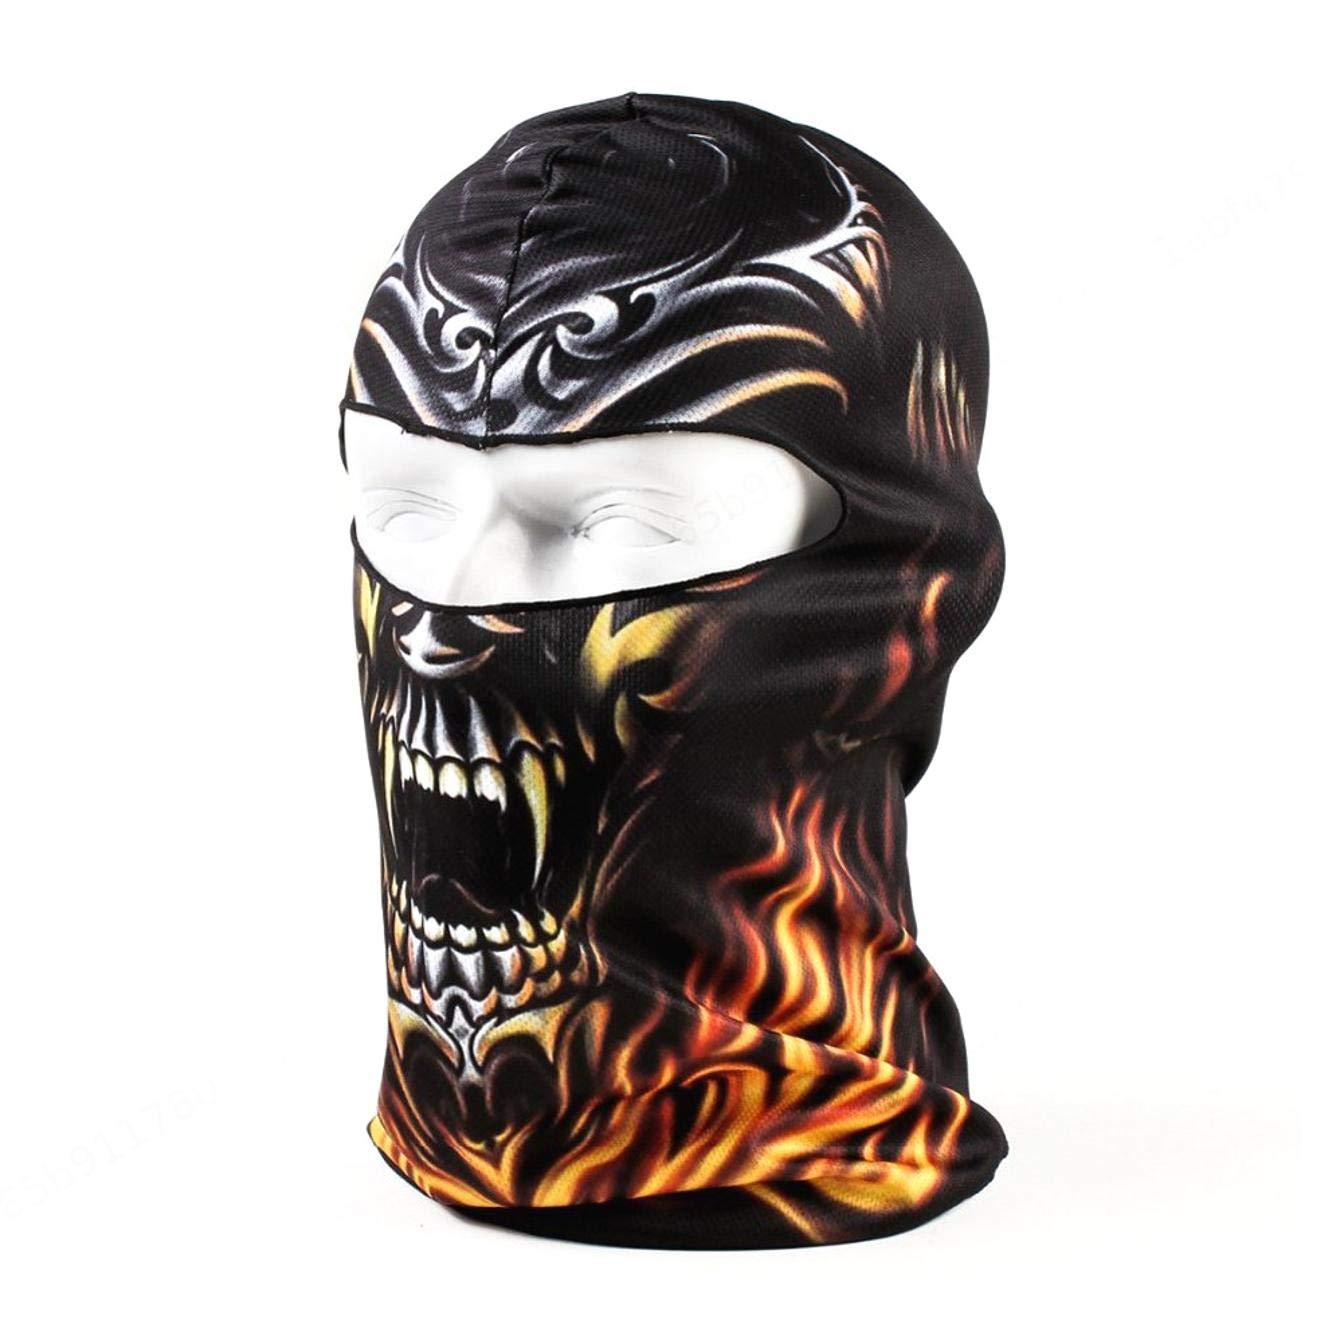 ZXYAN Deportes al Aire Libre Ciclismo M/áscaras de Motocicleta Cr/áneo de Llama Negra 3D Animal Active Ski Hood Hat Velo Pasamonta/ñas Protecci/ón UV M/áscara Facial Completa